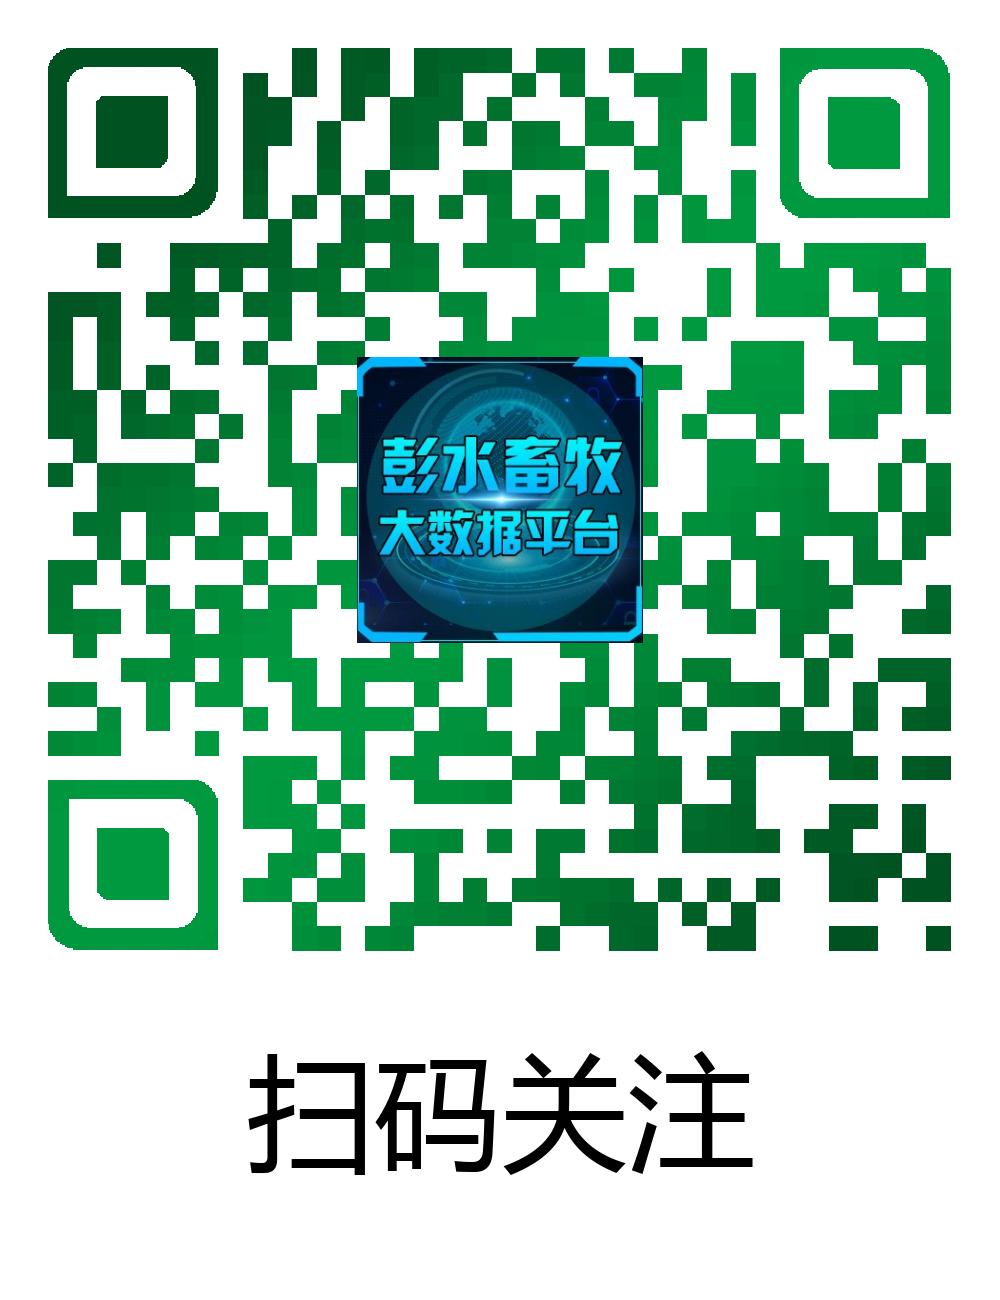 重庆数锋科技开发建设的畜牧生产溯源大数据平台在彭水县建成投用